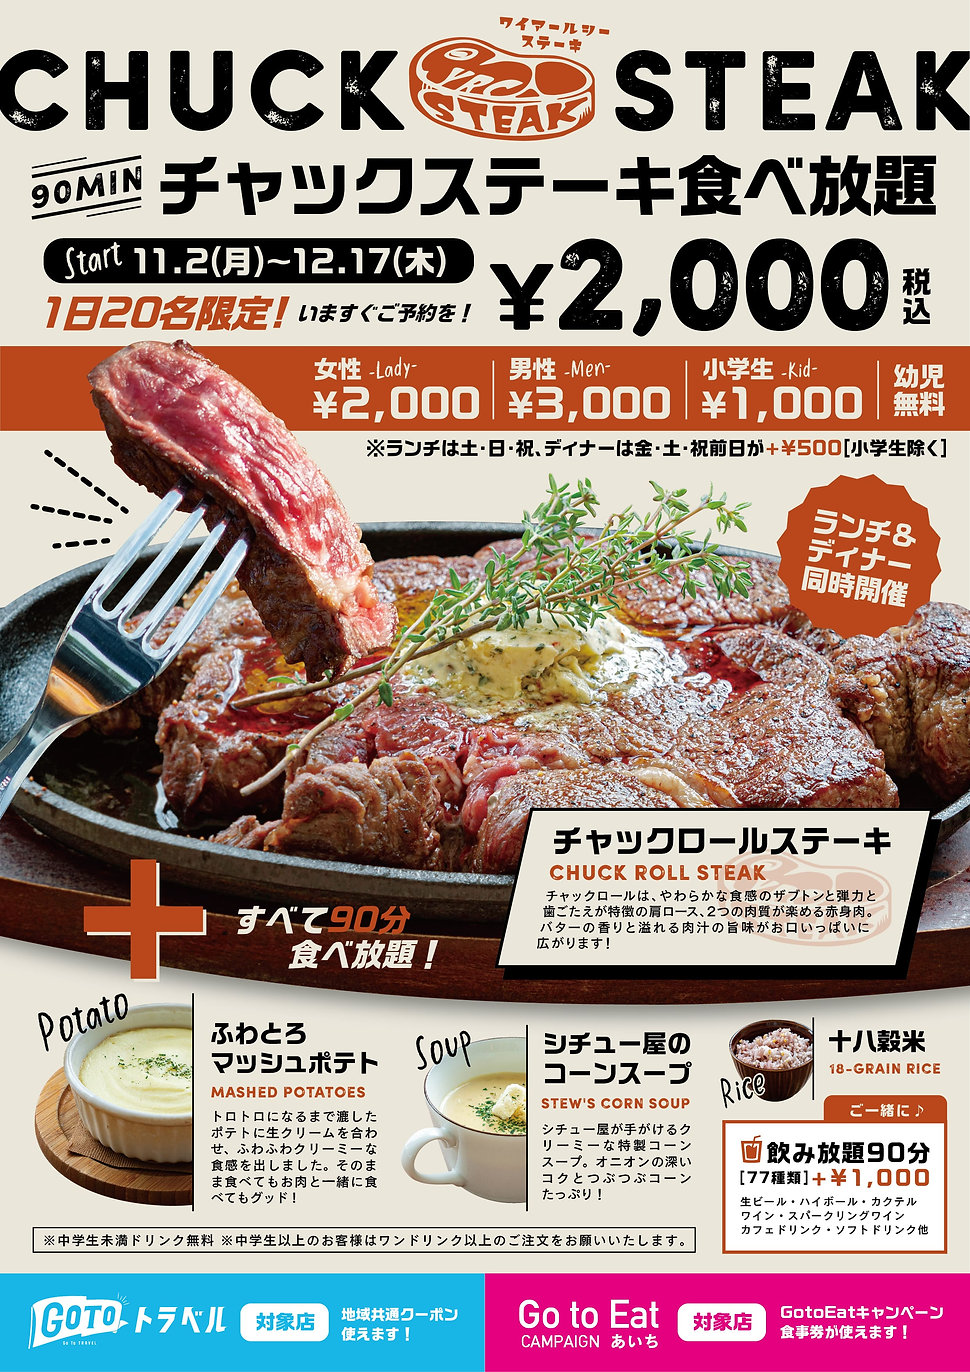 A4POP_チャックステーキ食べ放題_アートボード 1.jpg